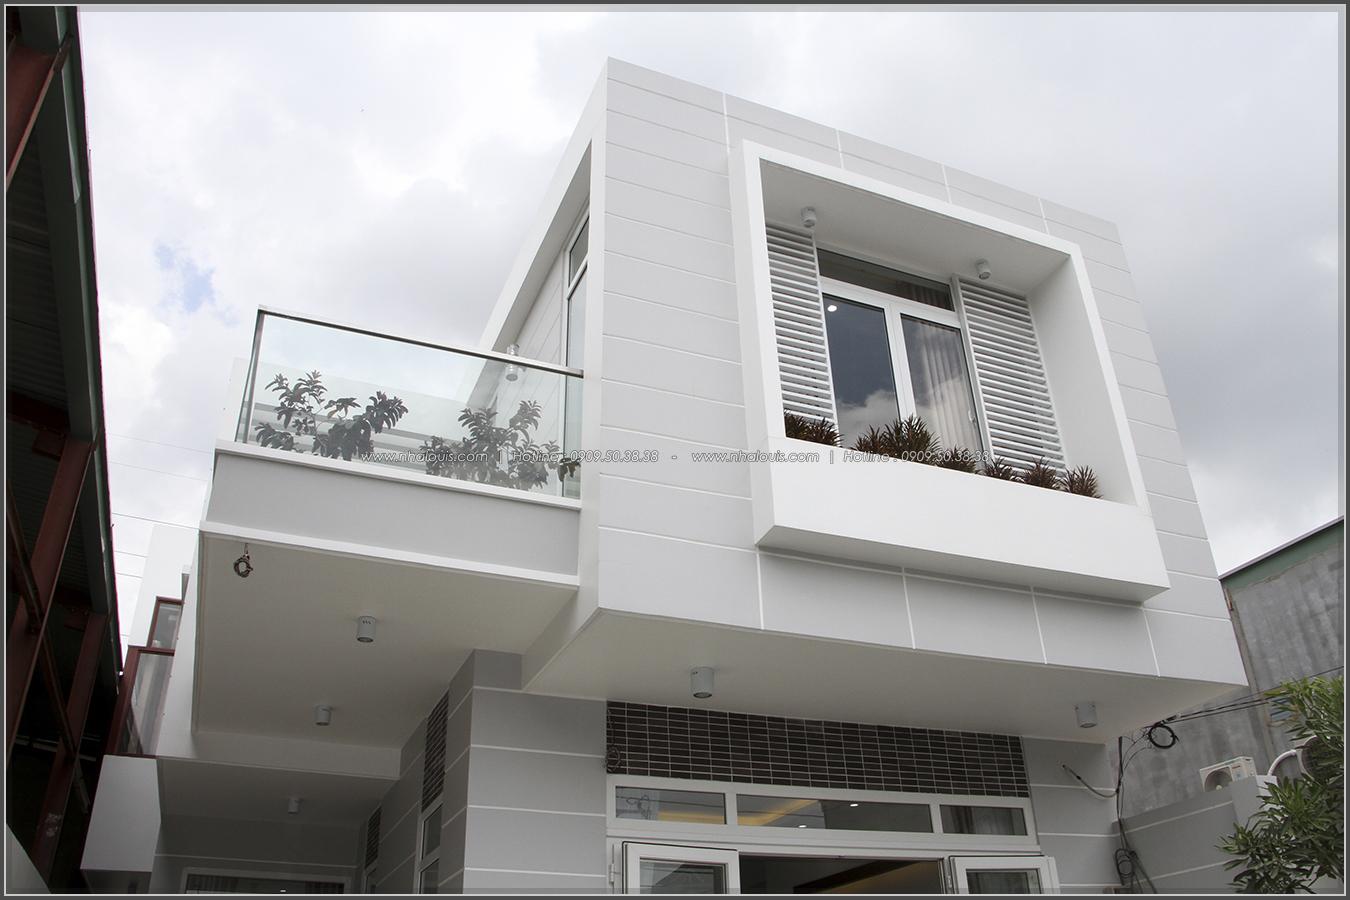 Thi công xây dựng nhà phố 1 trệt 1 lầu quận Bình Tân - 07